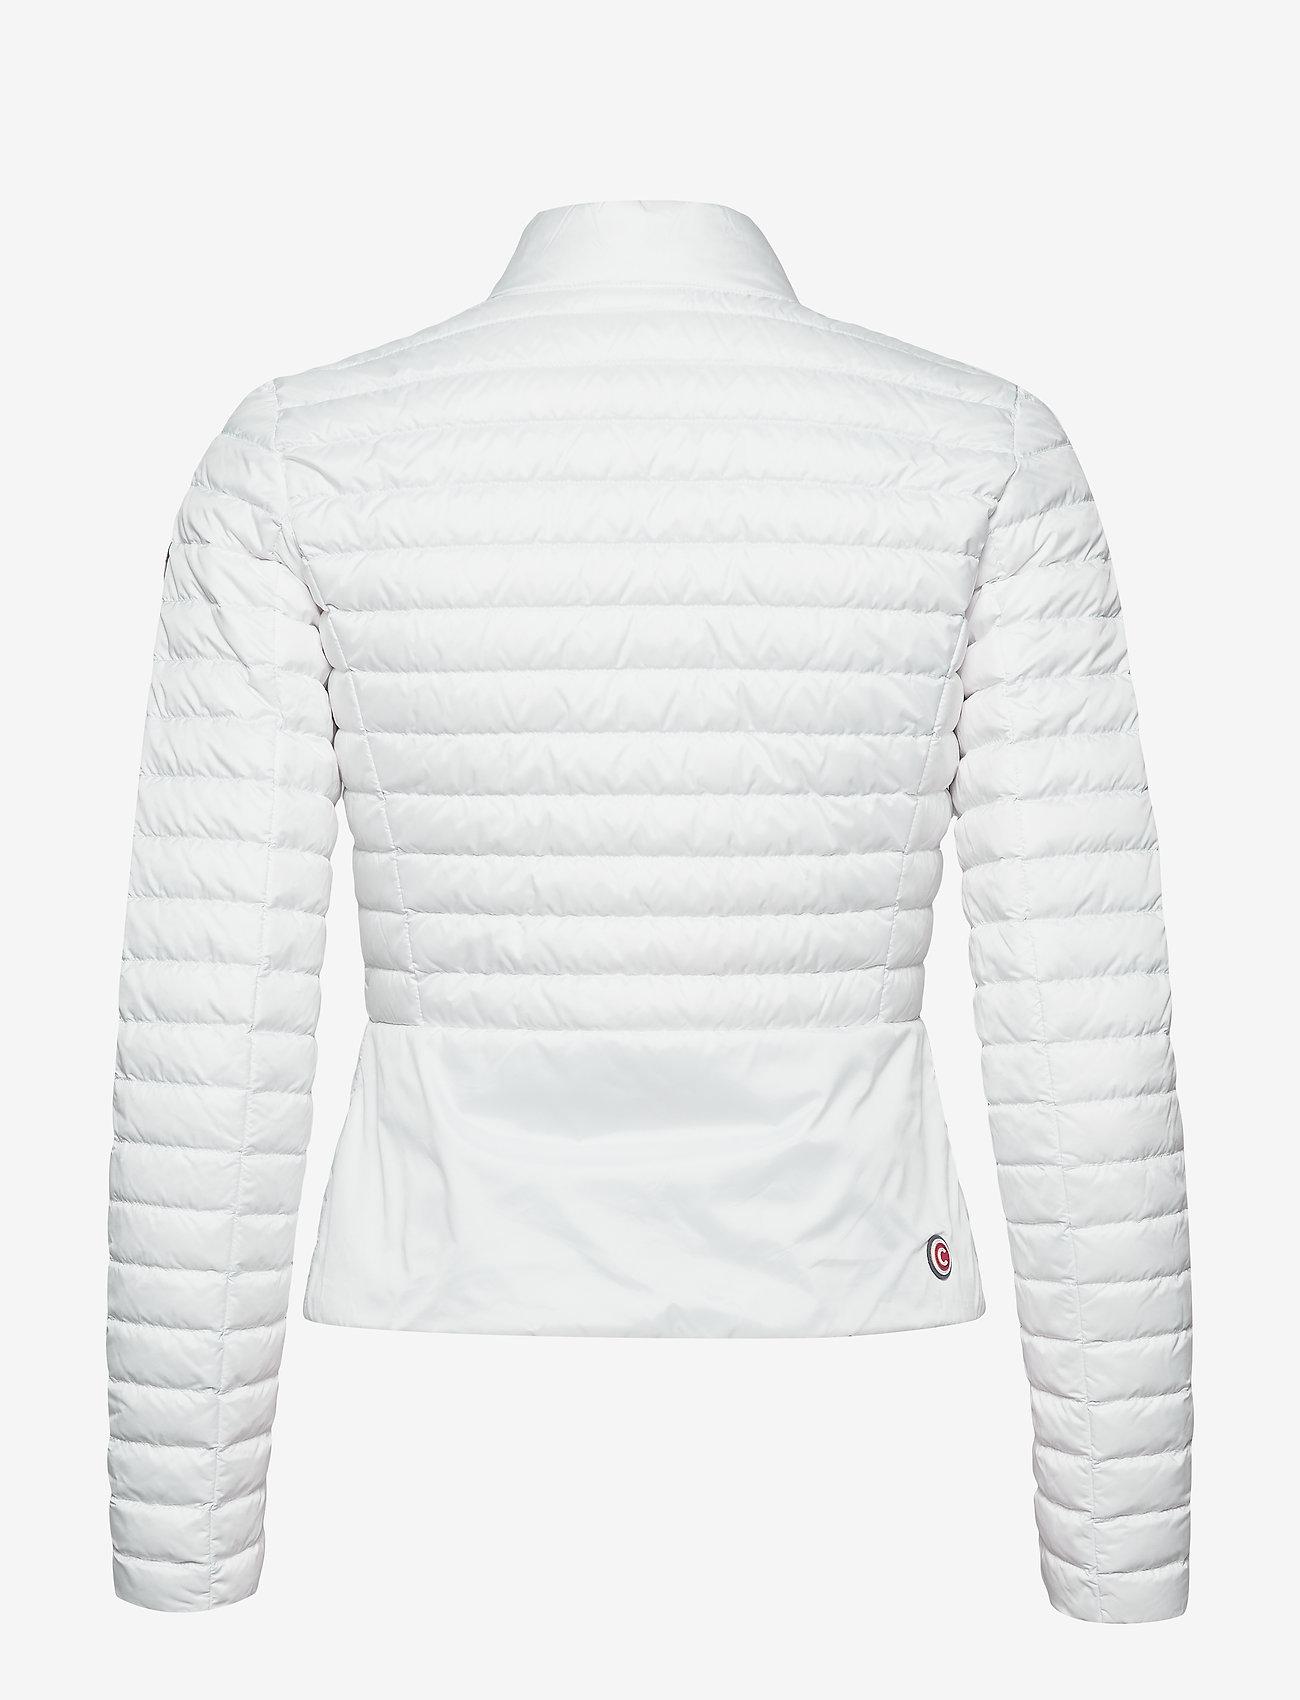 Colmar LADIES DOWN JACKET - Kurtki i Płaszcze 001 WHITE-LIGHT STEEL - Kobiety Odzież.